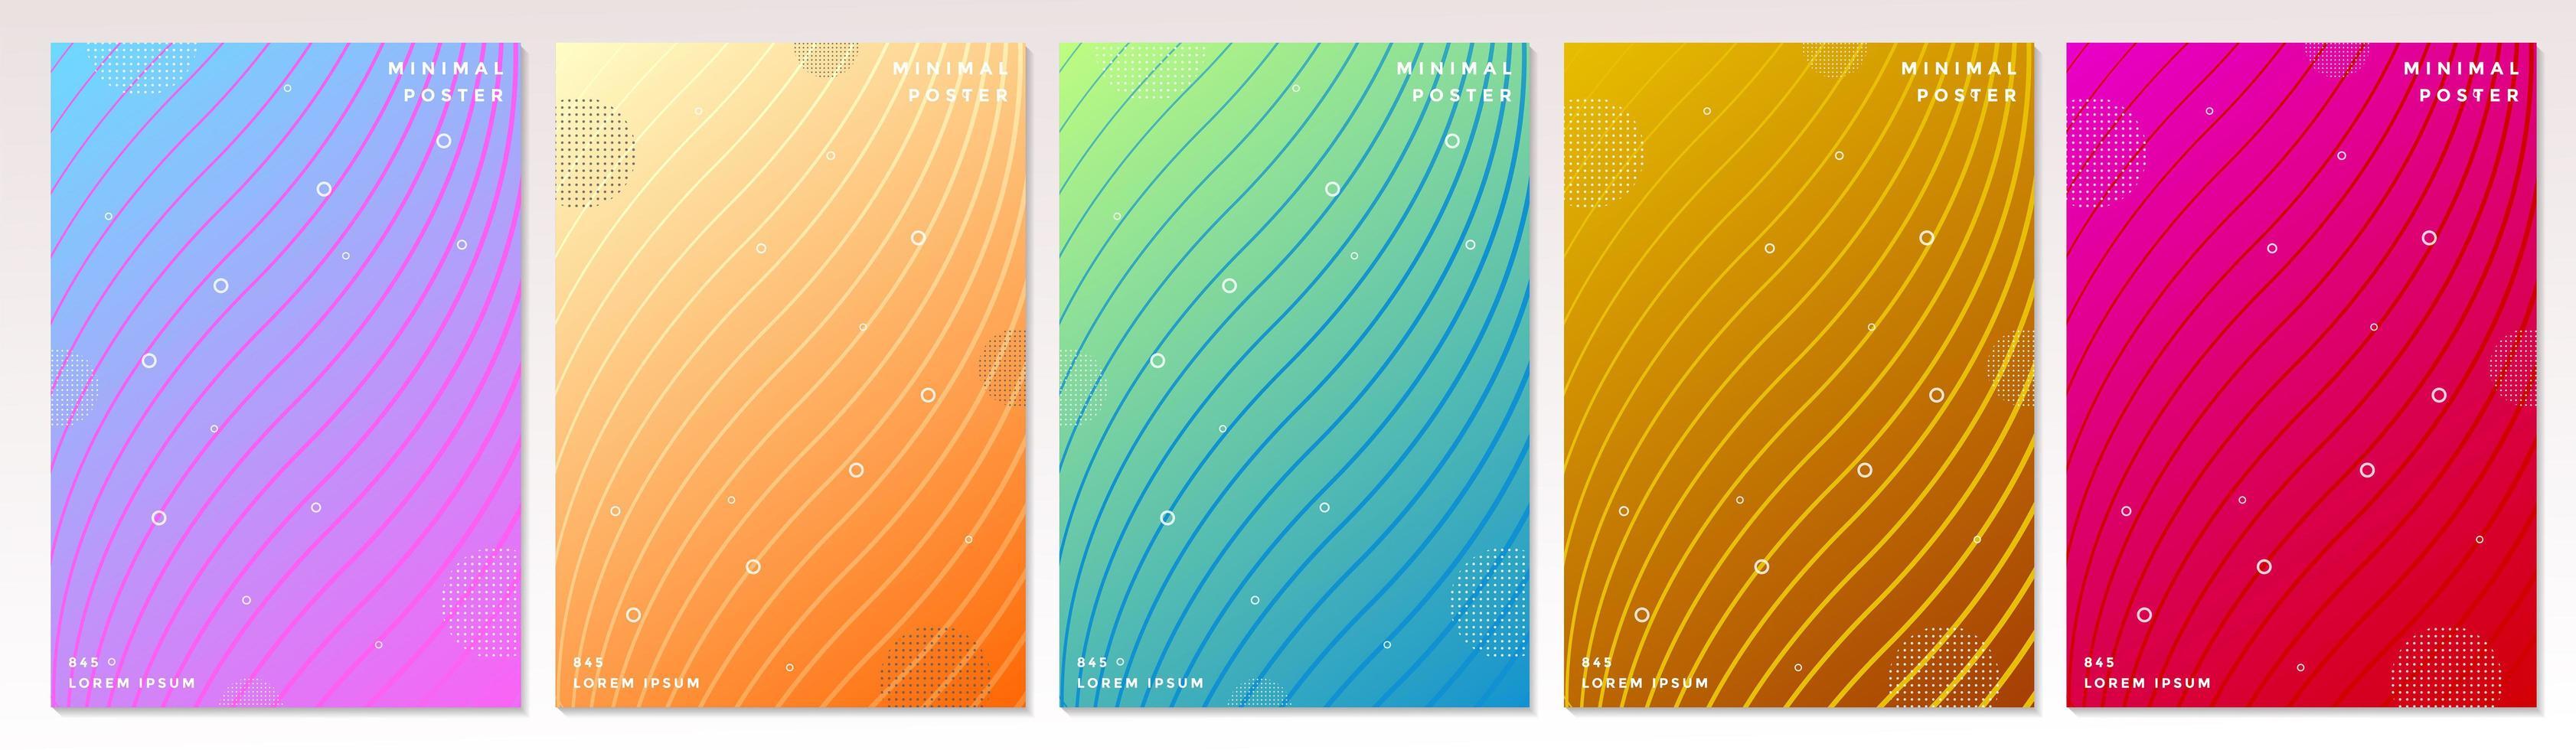 abstrakte helle bunte minimale Abdeckungen vektor